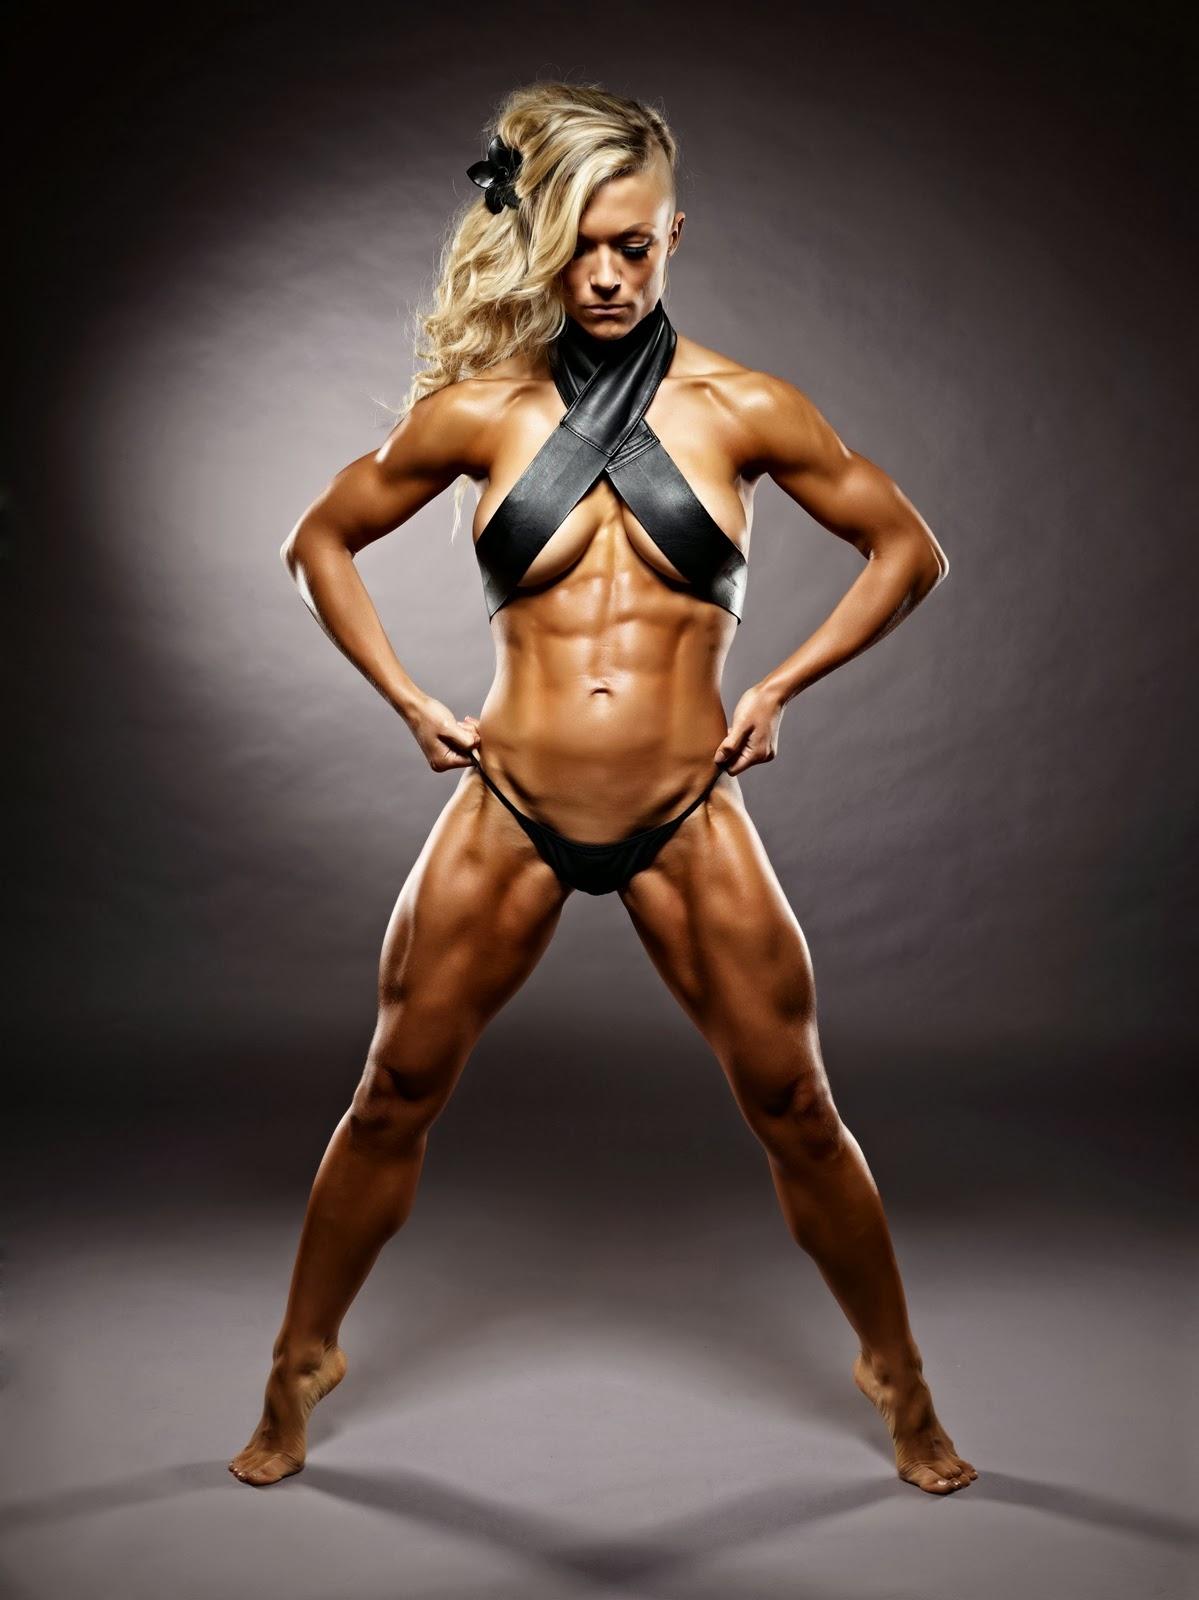 Фото девушки бодибилдинг фитнес 26 фотография